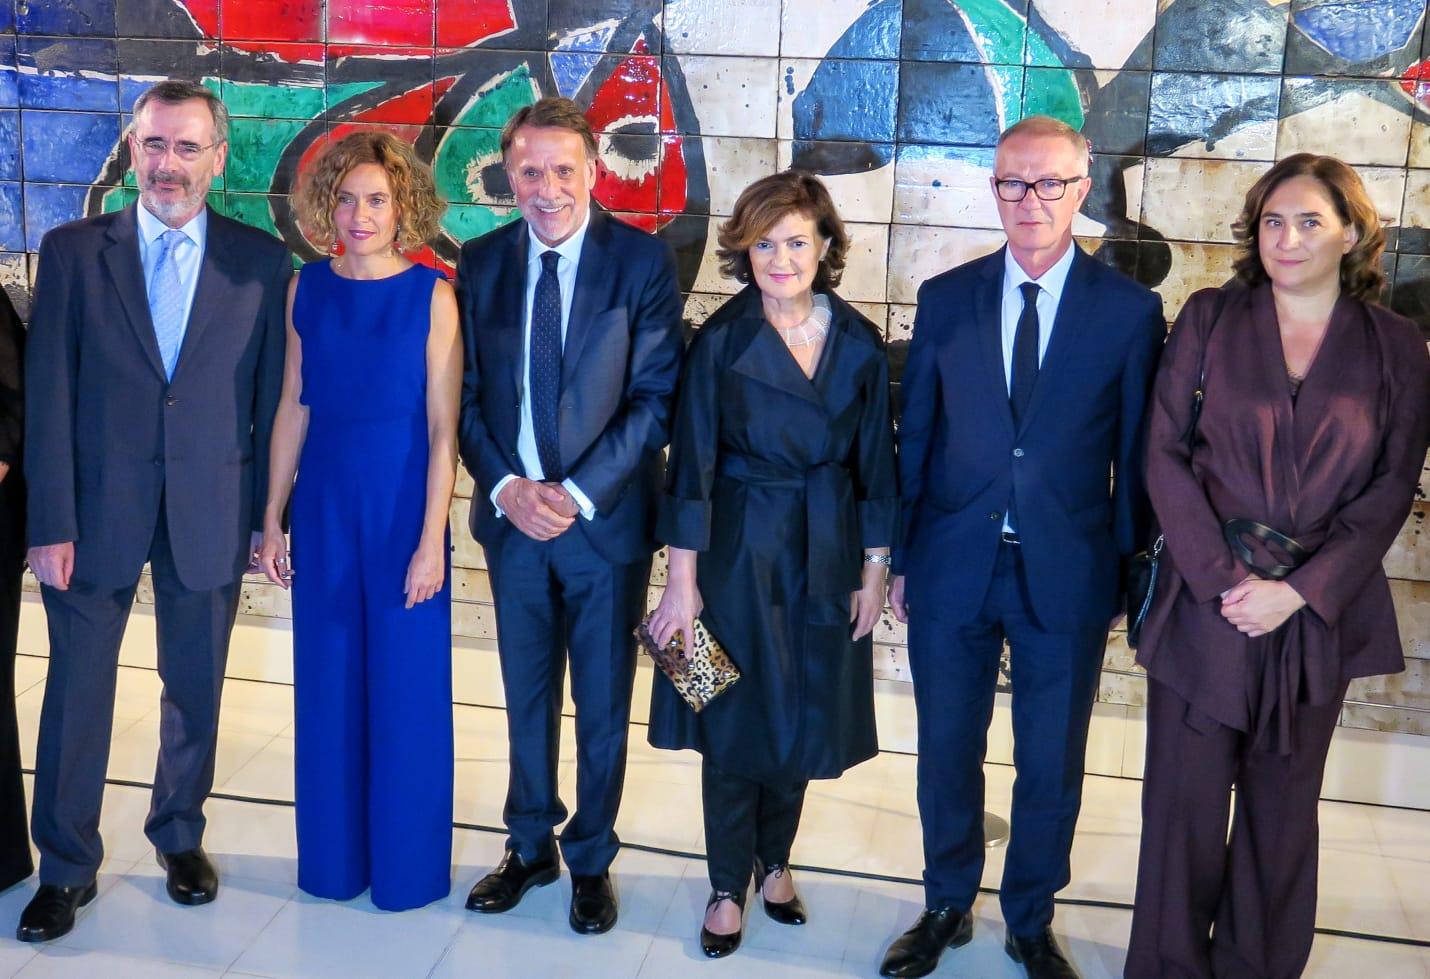 Colau si que es sensible, Greta Calvo no. La alcaldesa de Barcelona abandonó la cena de los premios Planeta, cosa que no hizo la vicepresidenta en funciones